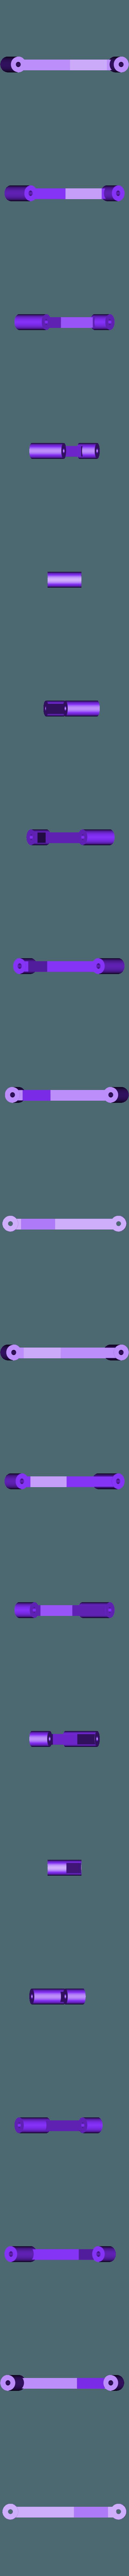 DoorHinge.lower.stl Télécharger fichier STL gratuit Charnière de porte de voûte à retombées et base creuse, remixé • Design à imprimer en 3D, FelixTheCrazy